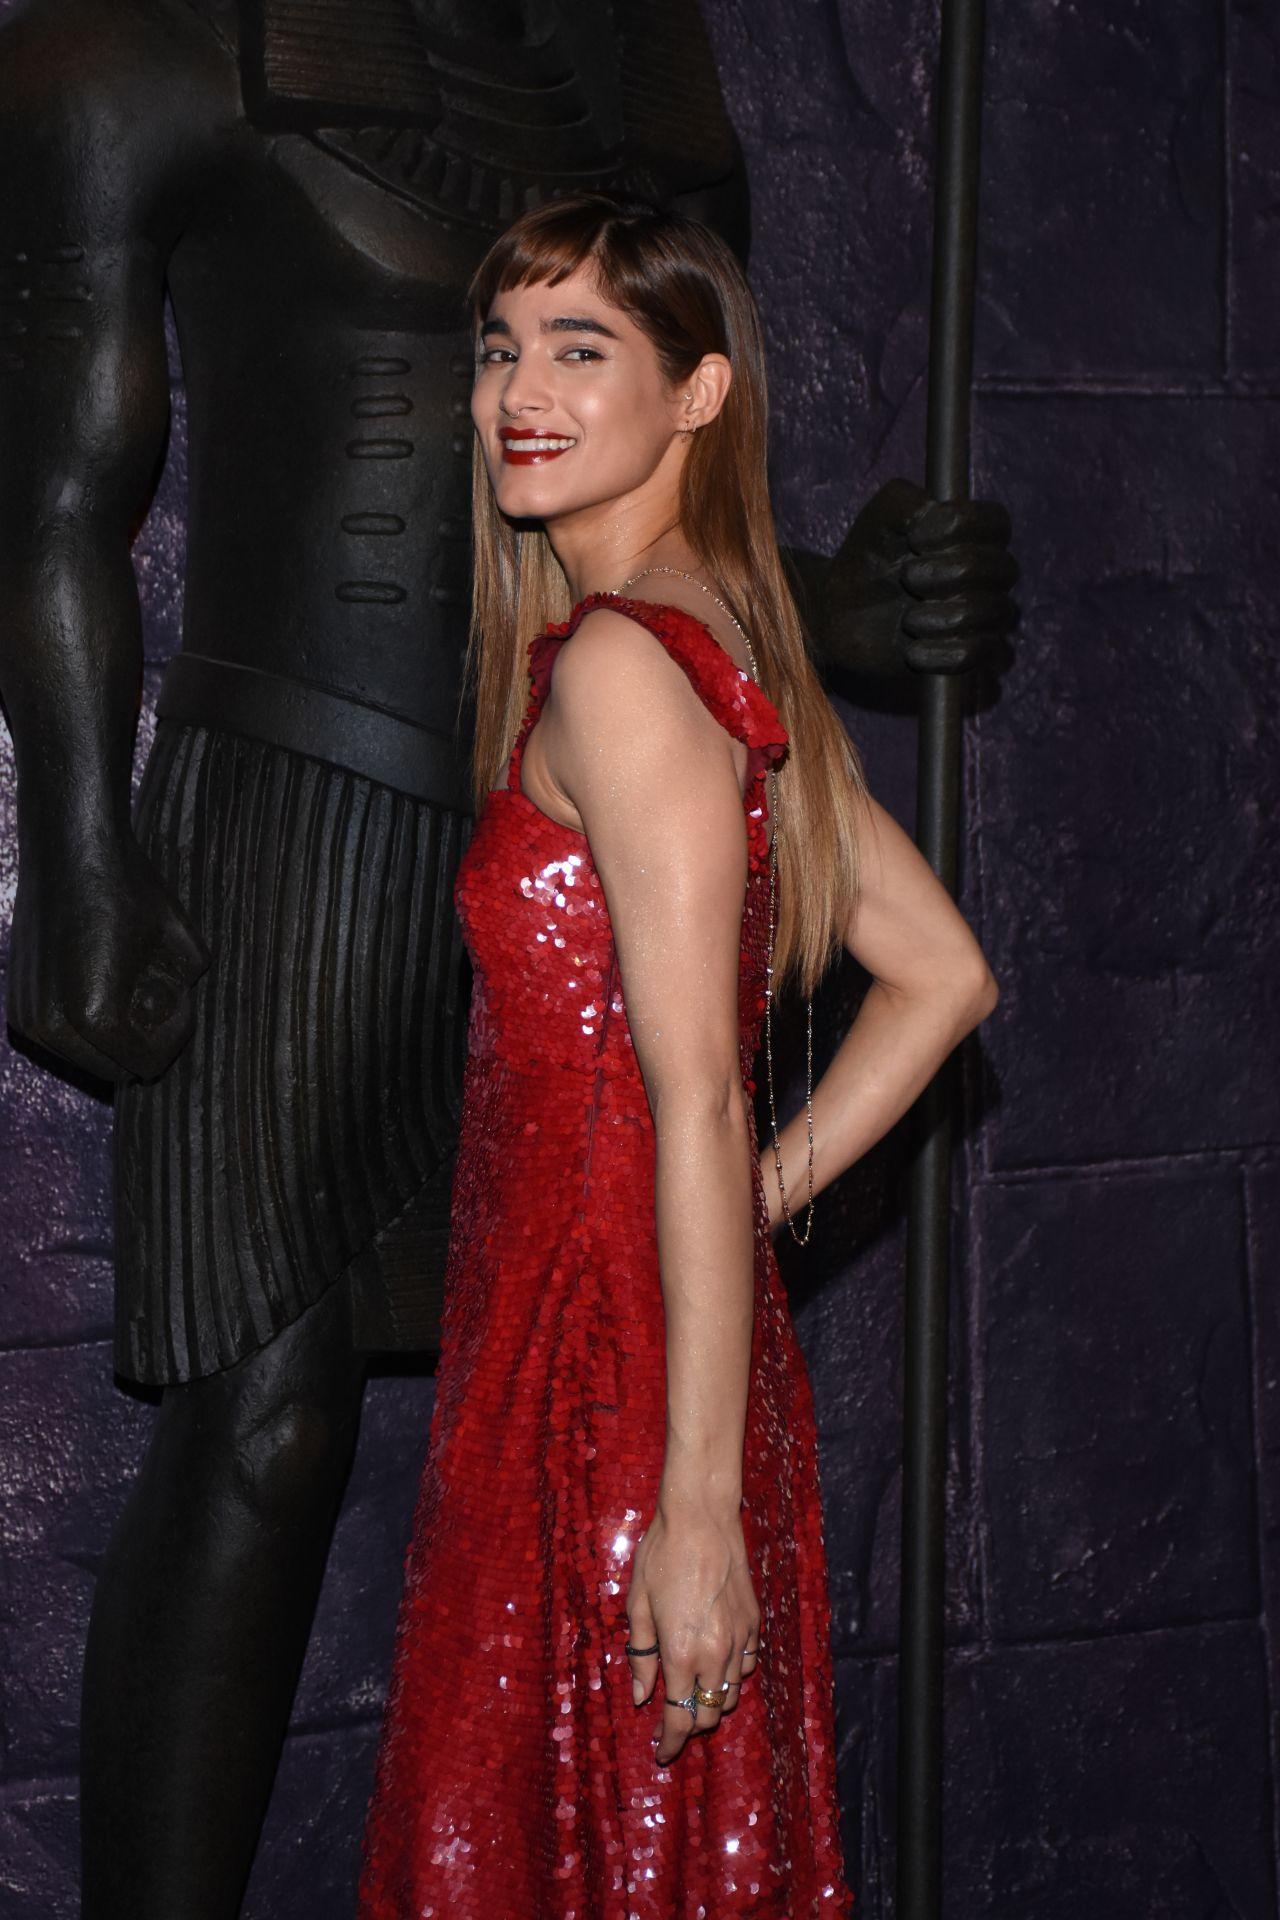 http://celebmafia.com/wp-content/uploads/2017/06/sofia-boutella-the-mummy-premiere-in-mexico-city-06-05-2017-5.jpg